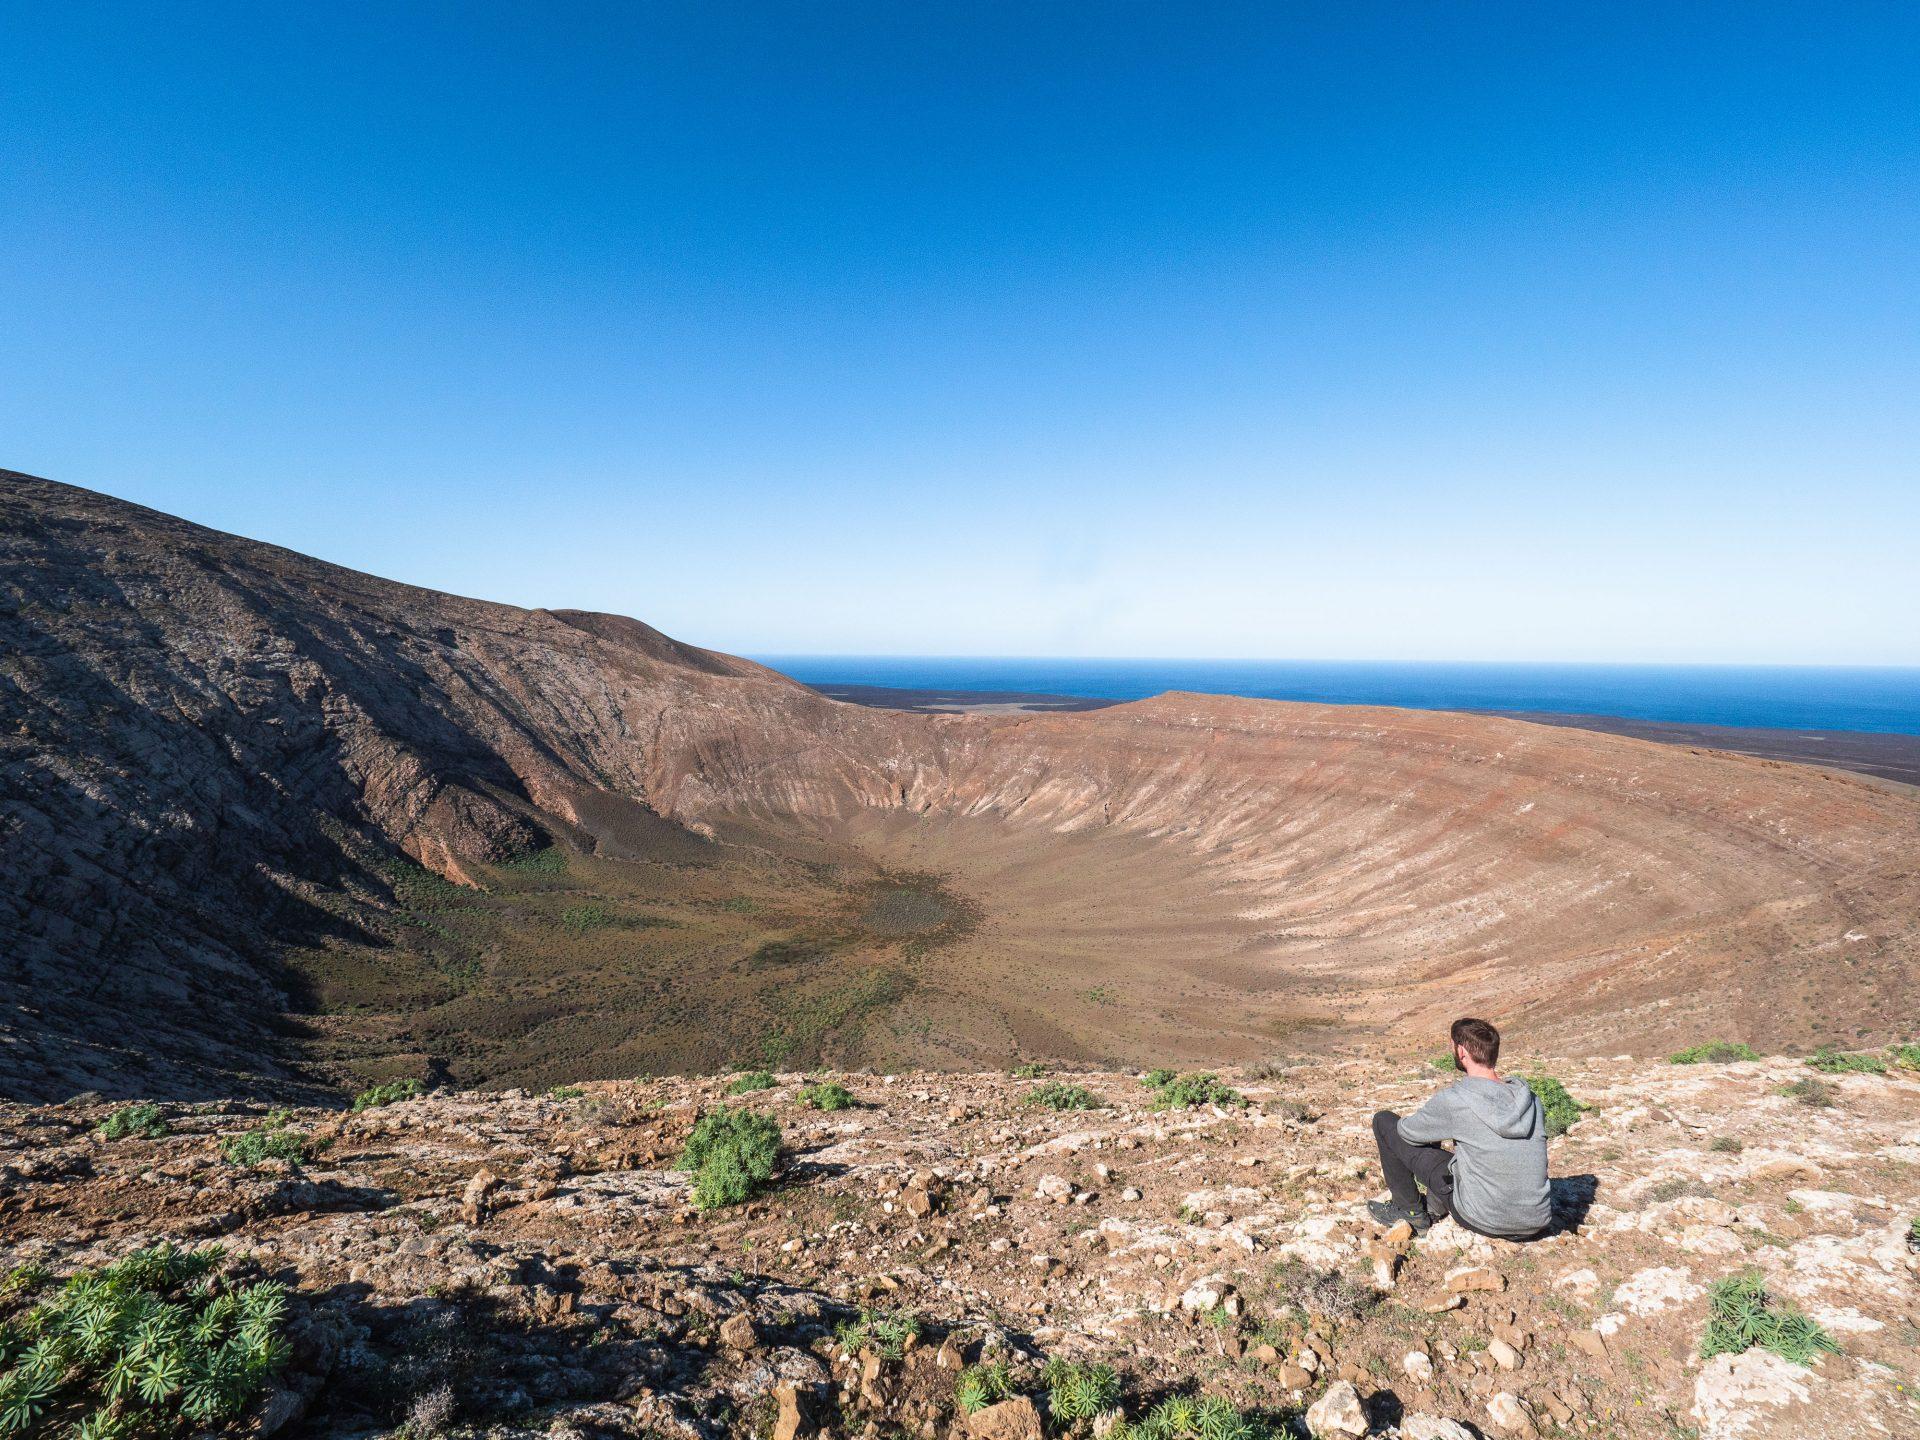 Caldera blanca, volcan de lanzarote aux canaries